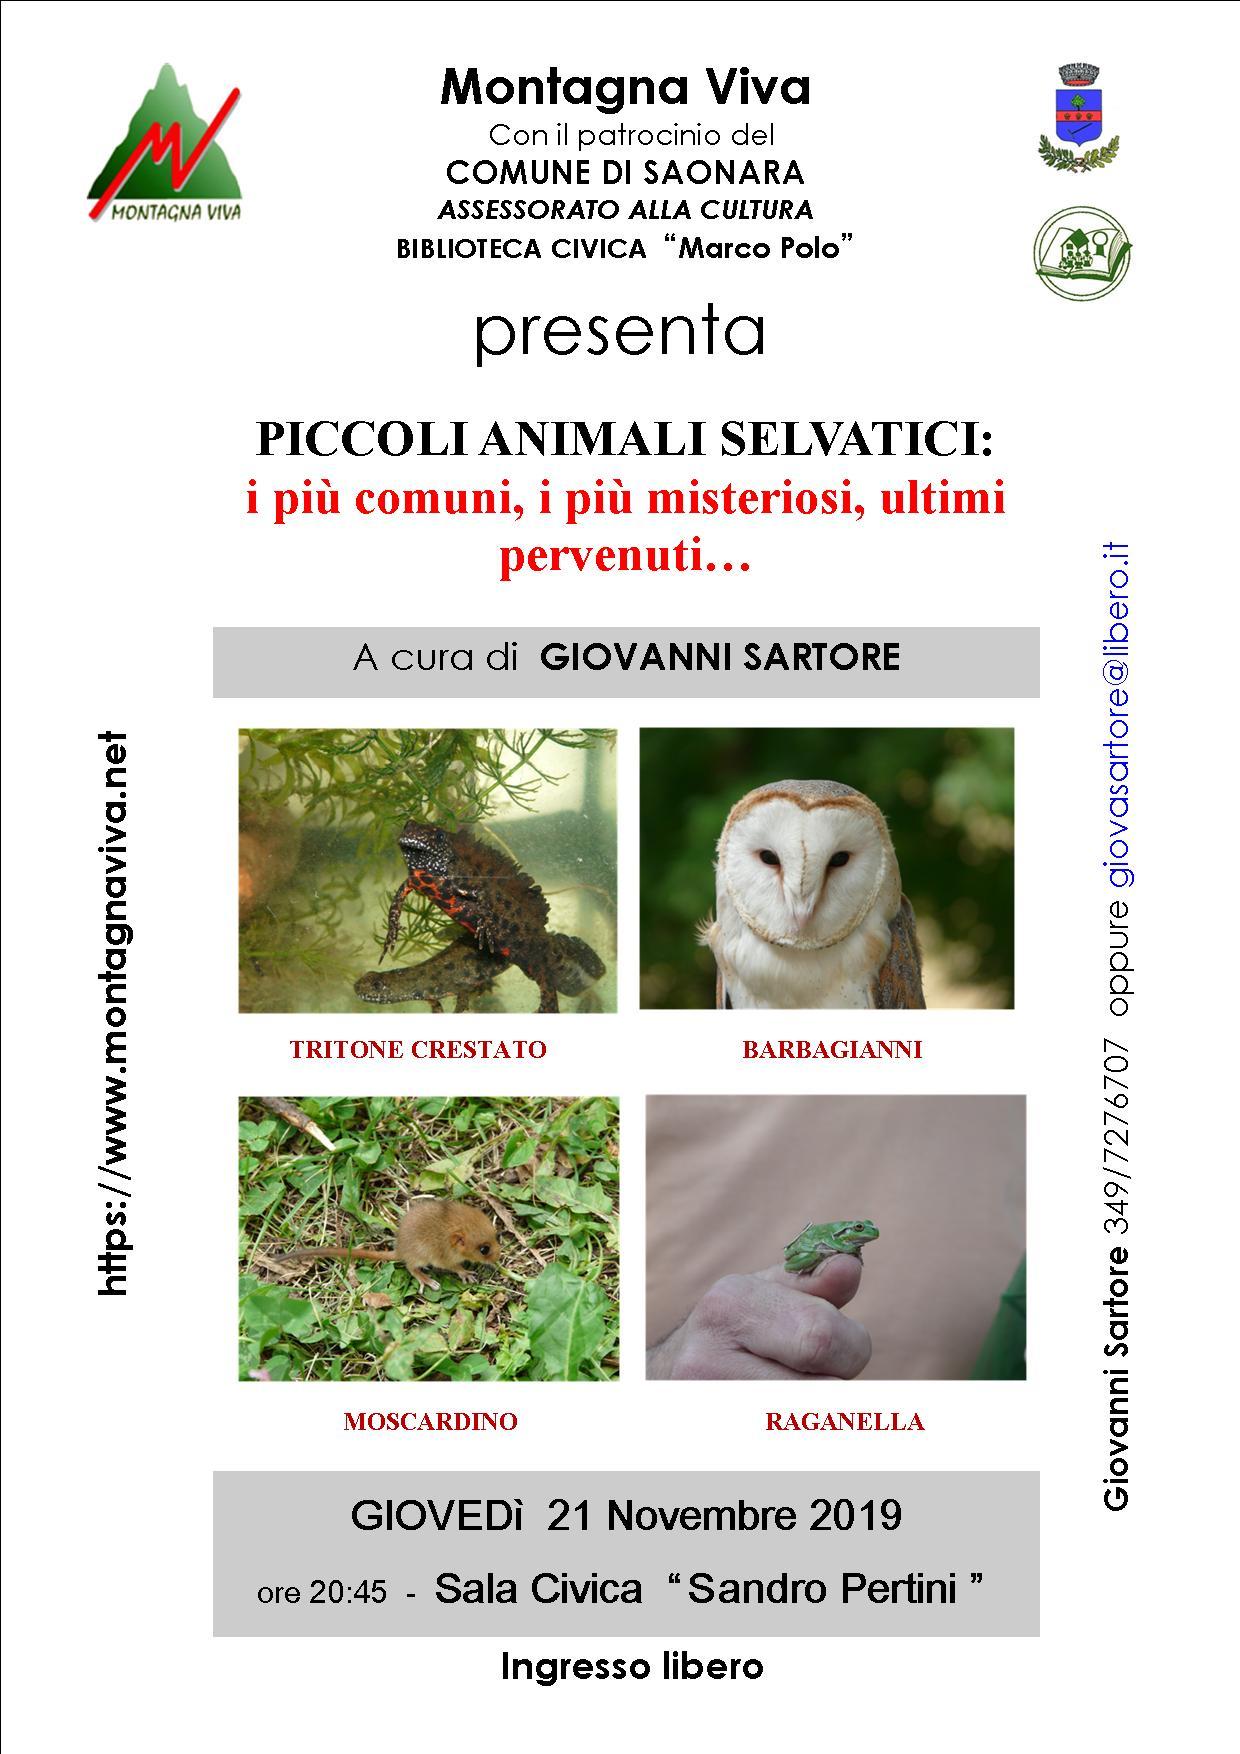 Serata con Giovanni Sartore 21 novembre 2019